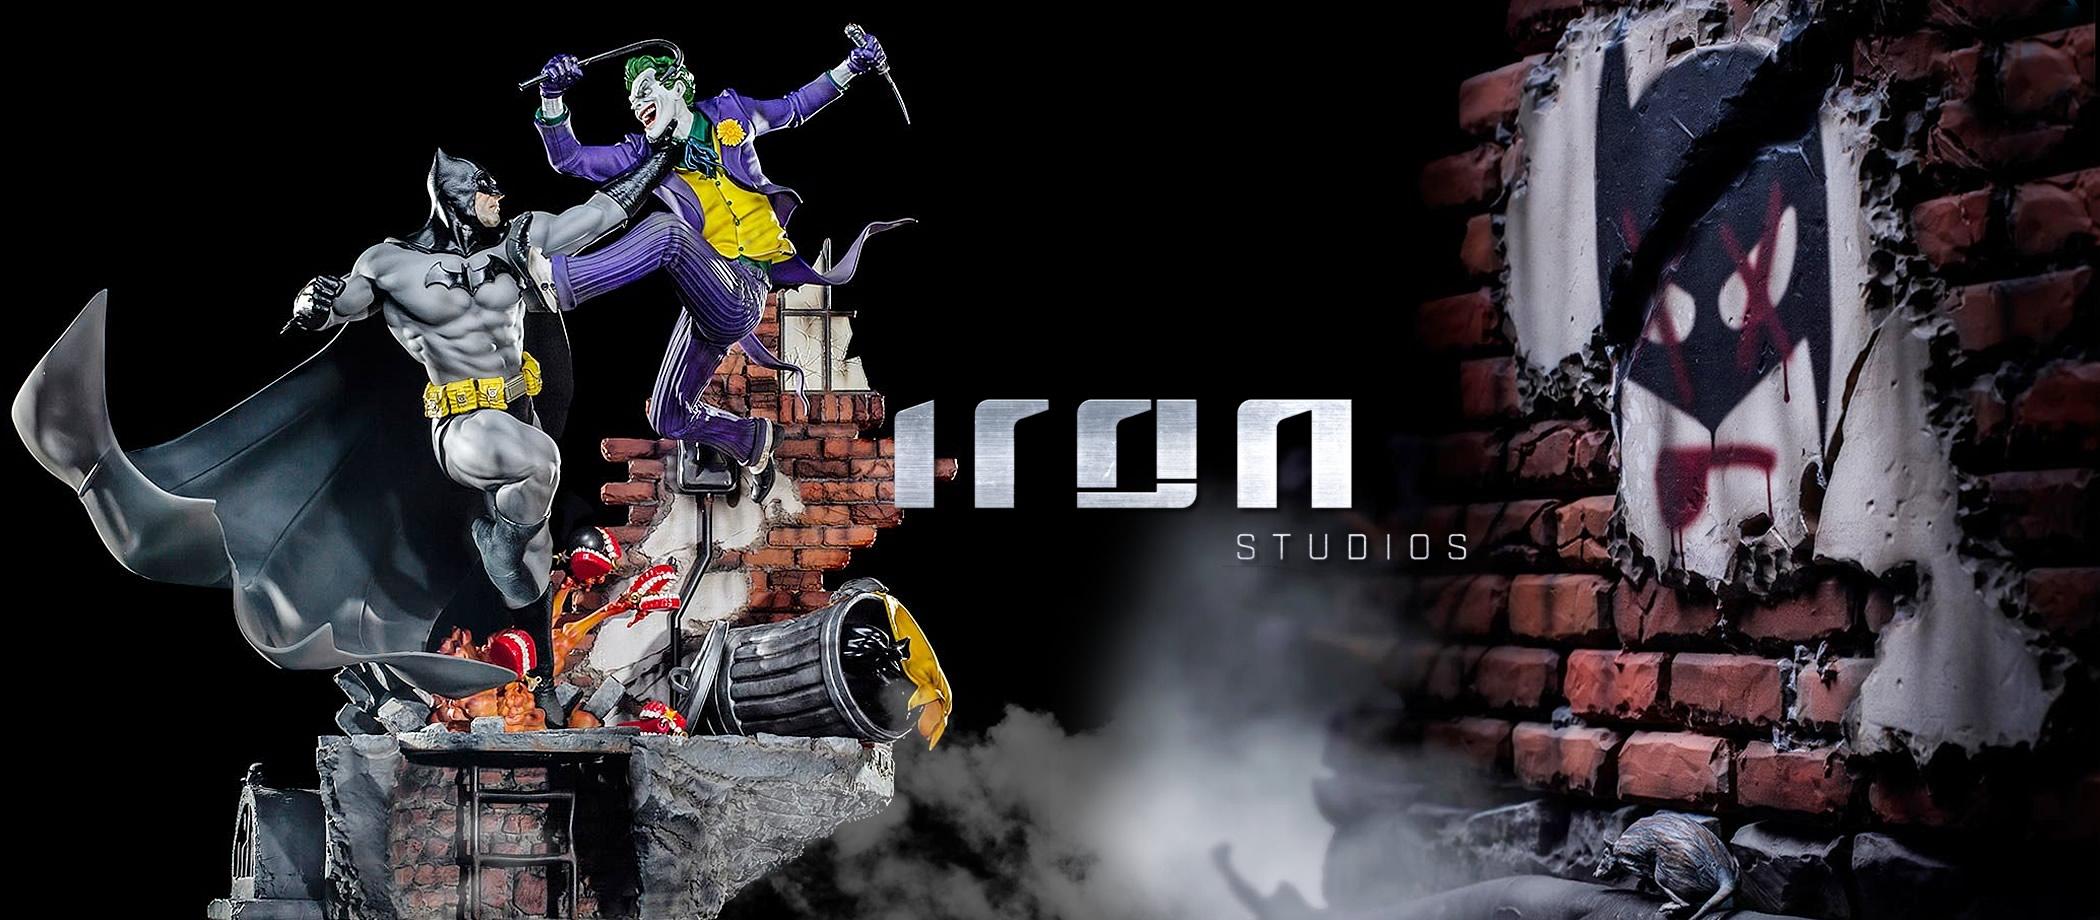 inimigo meu iron studios estatua de batman vs joker - Inimigo Meu: Iron Studios lança estátua de Batman vs. Joker!